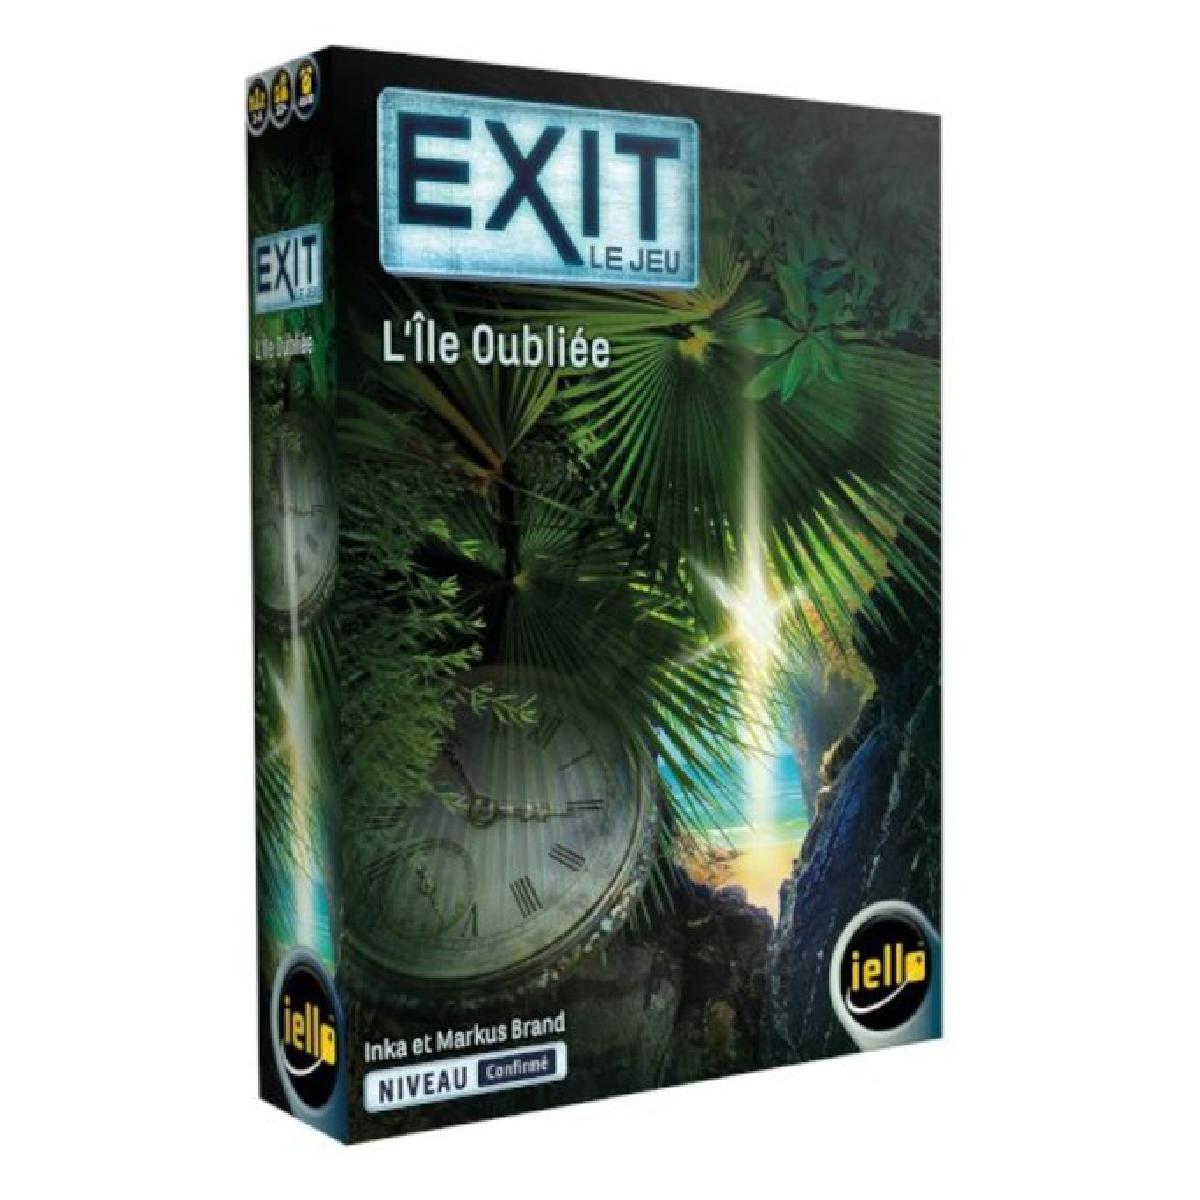 Exit - L'île Oubliée | 19,99$ | Location seulement